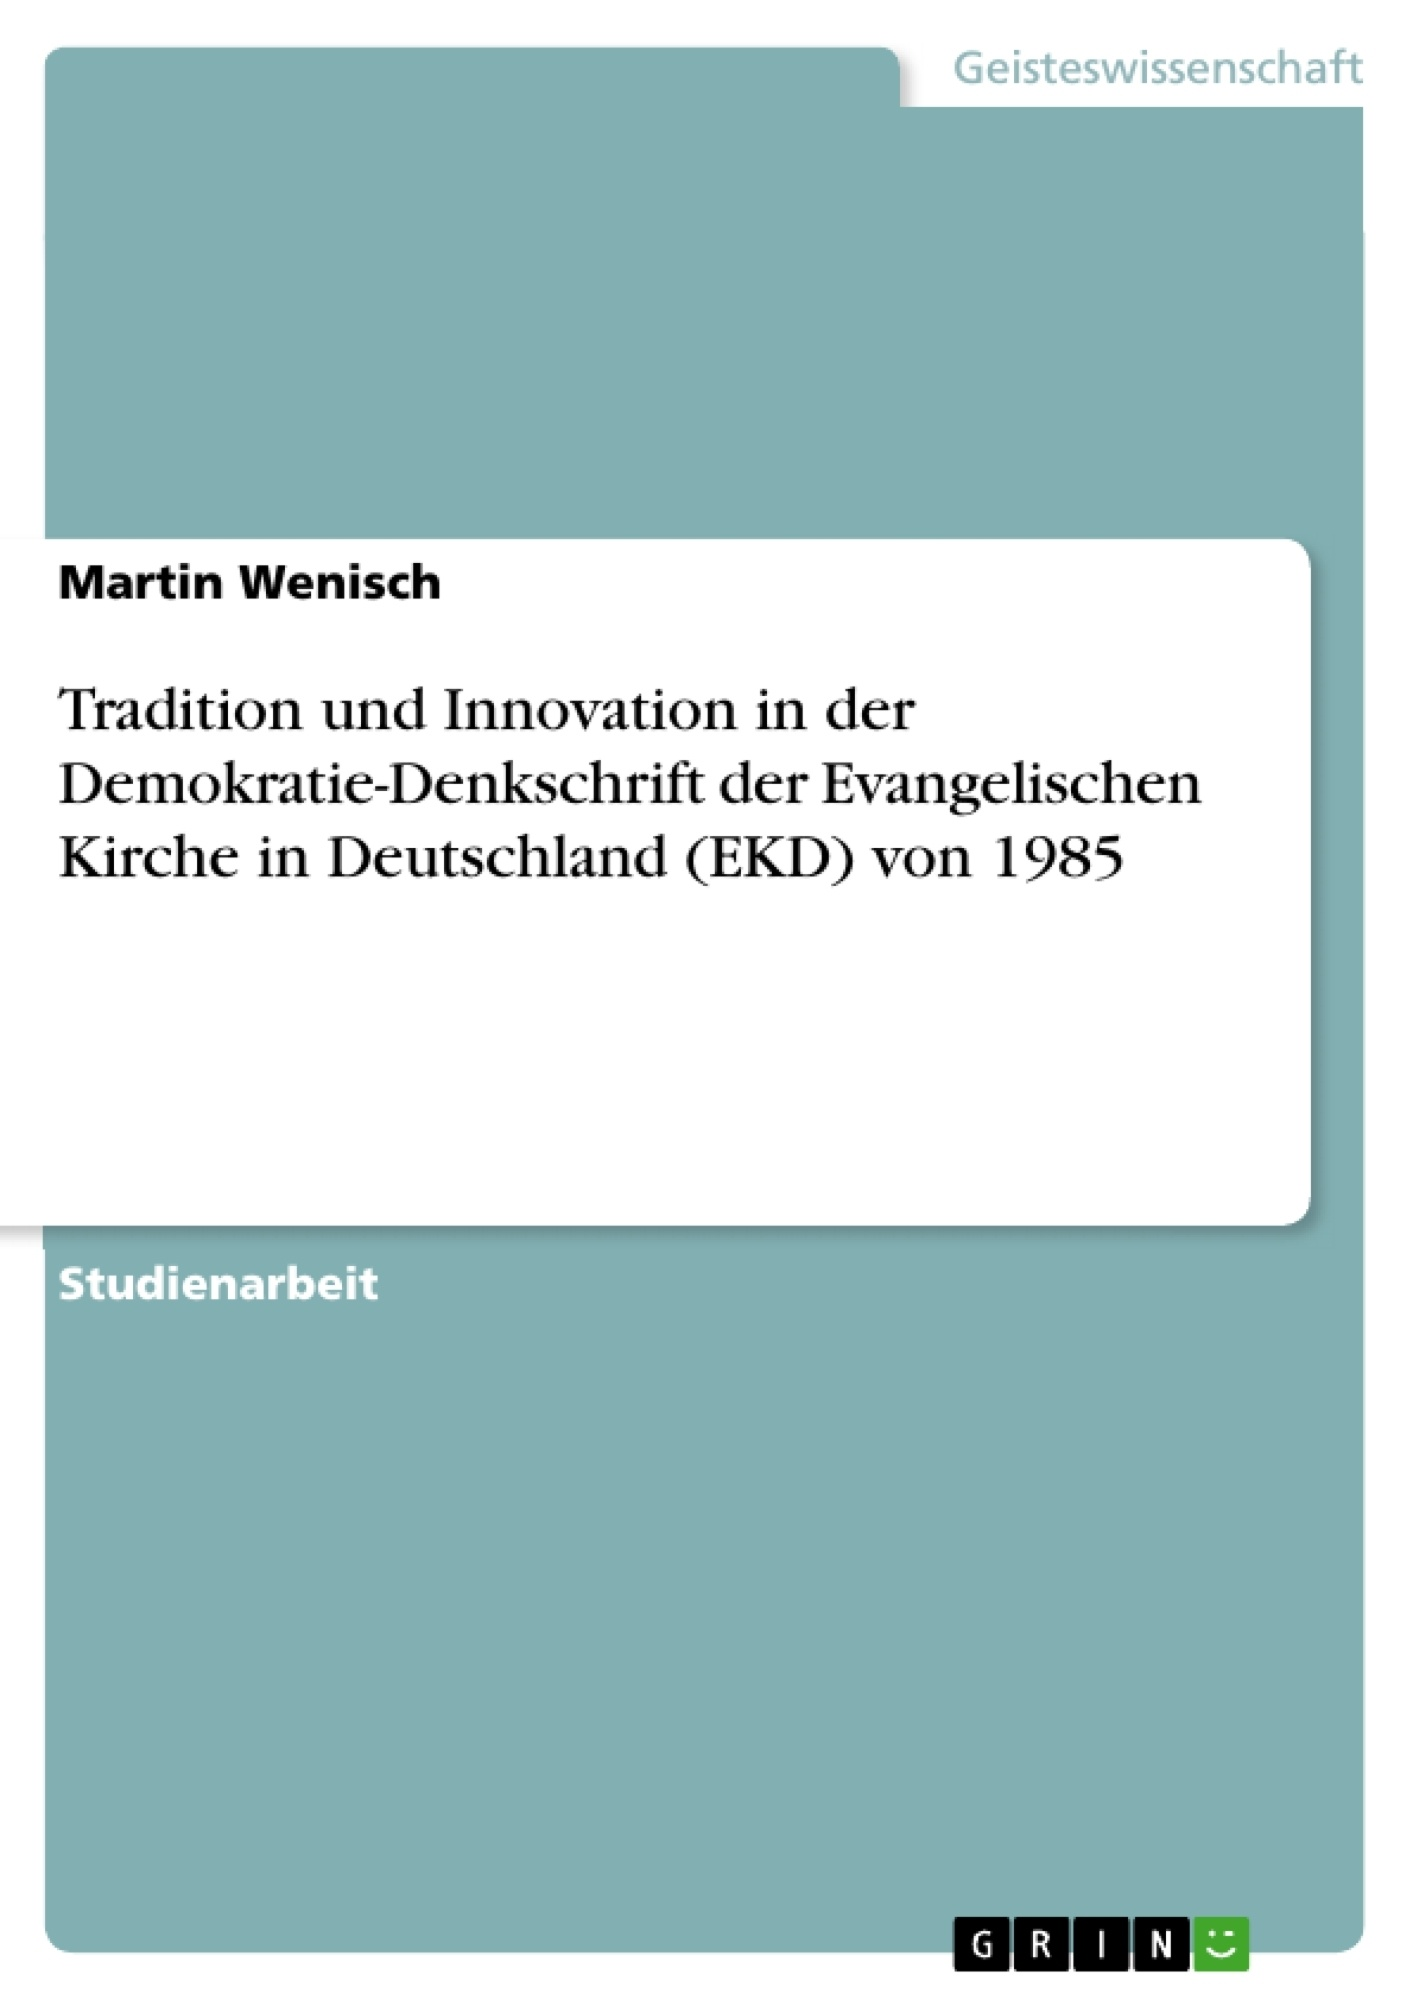 Titel: Tradition und Innovation in der Demokratie-Denkschrift der Evangelischen Kirche in Deutschland (EKD) von 1985